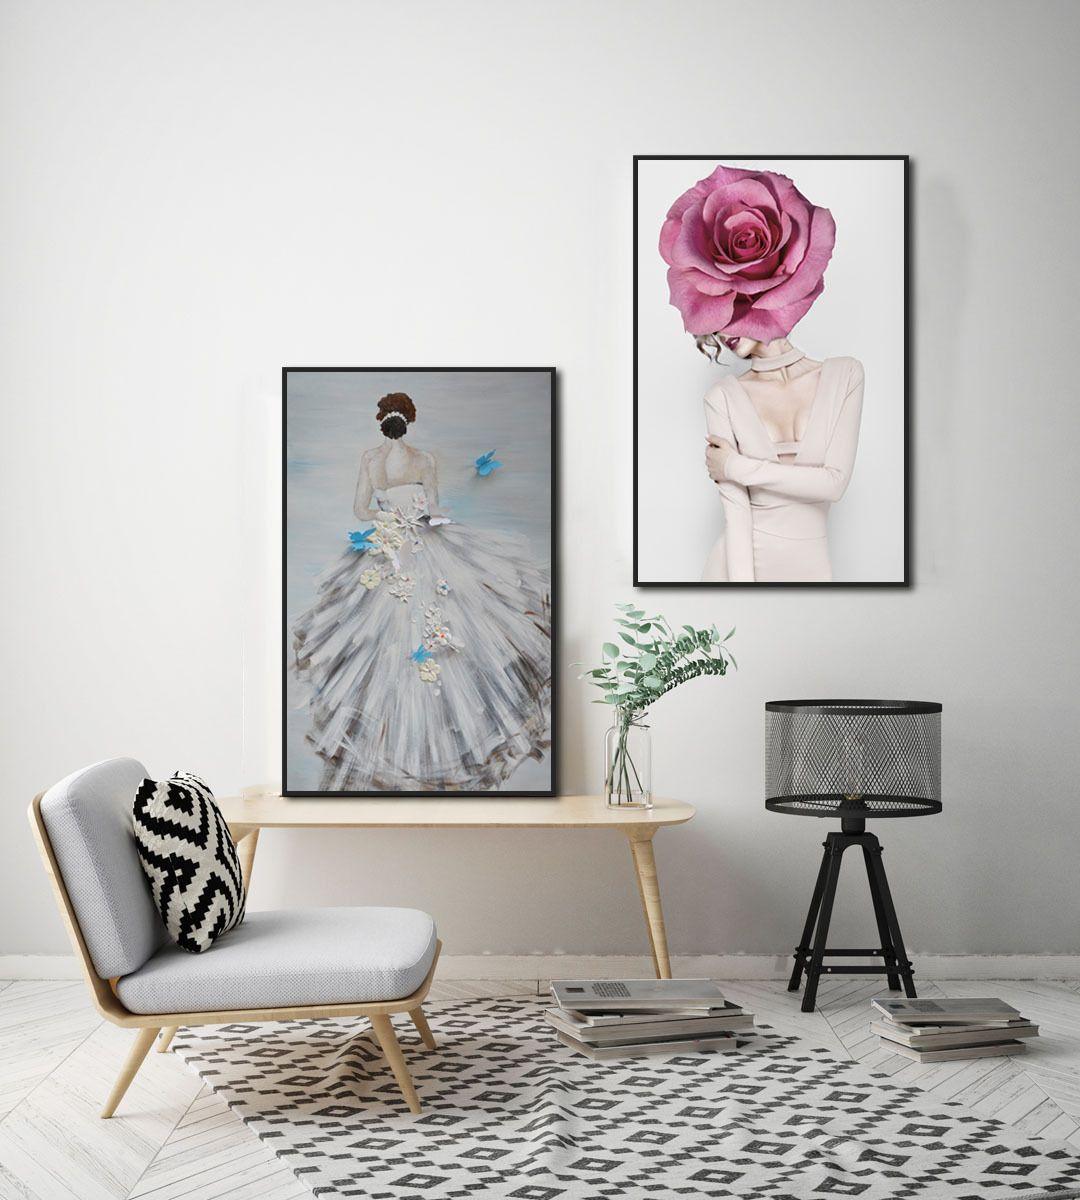 Женщина Цветок Святой Белый марлевые Характер Женский Невеста 3D масло холст украшения Картина Для дома Гостиная Комната Крыльцо Wall Art